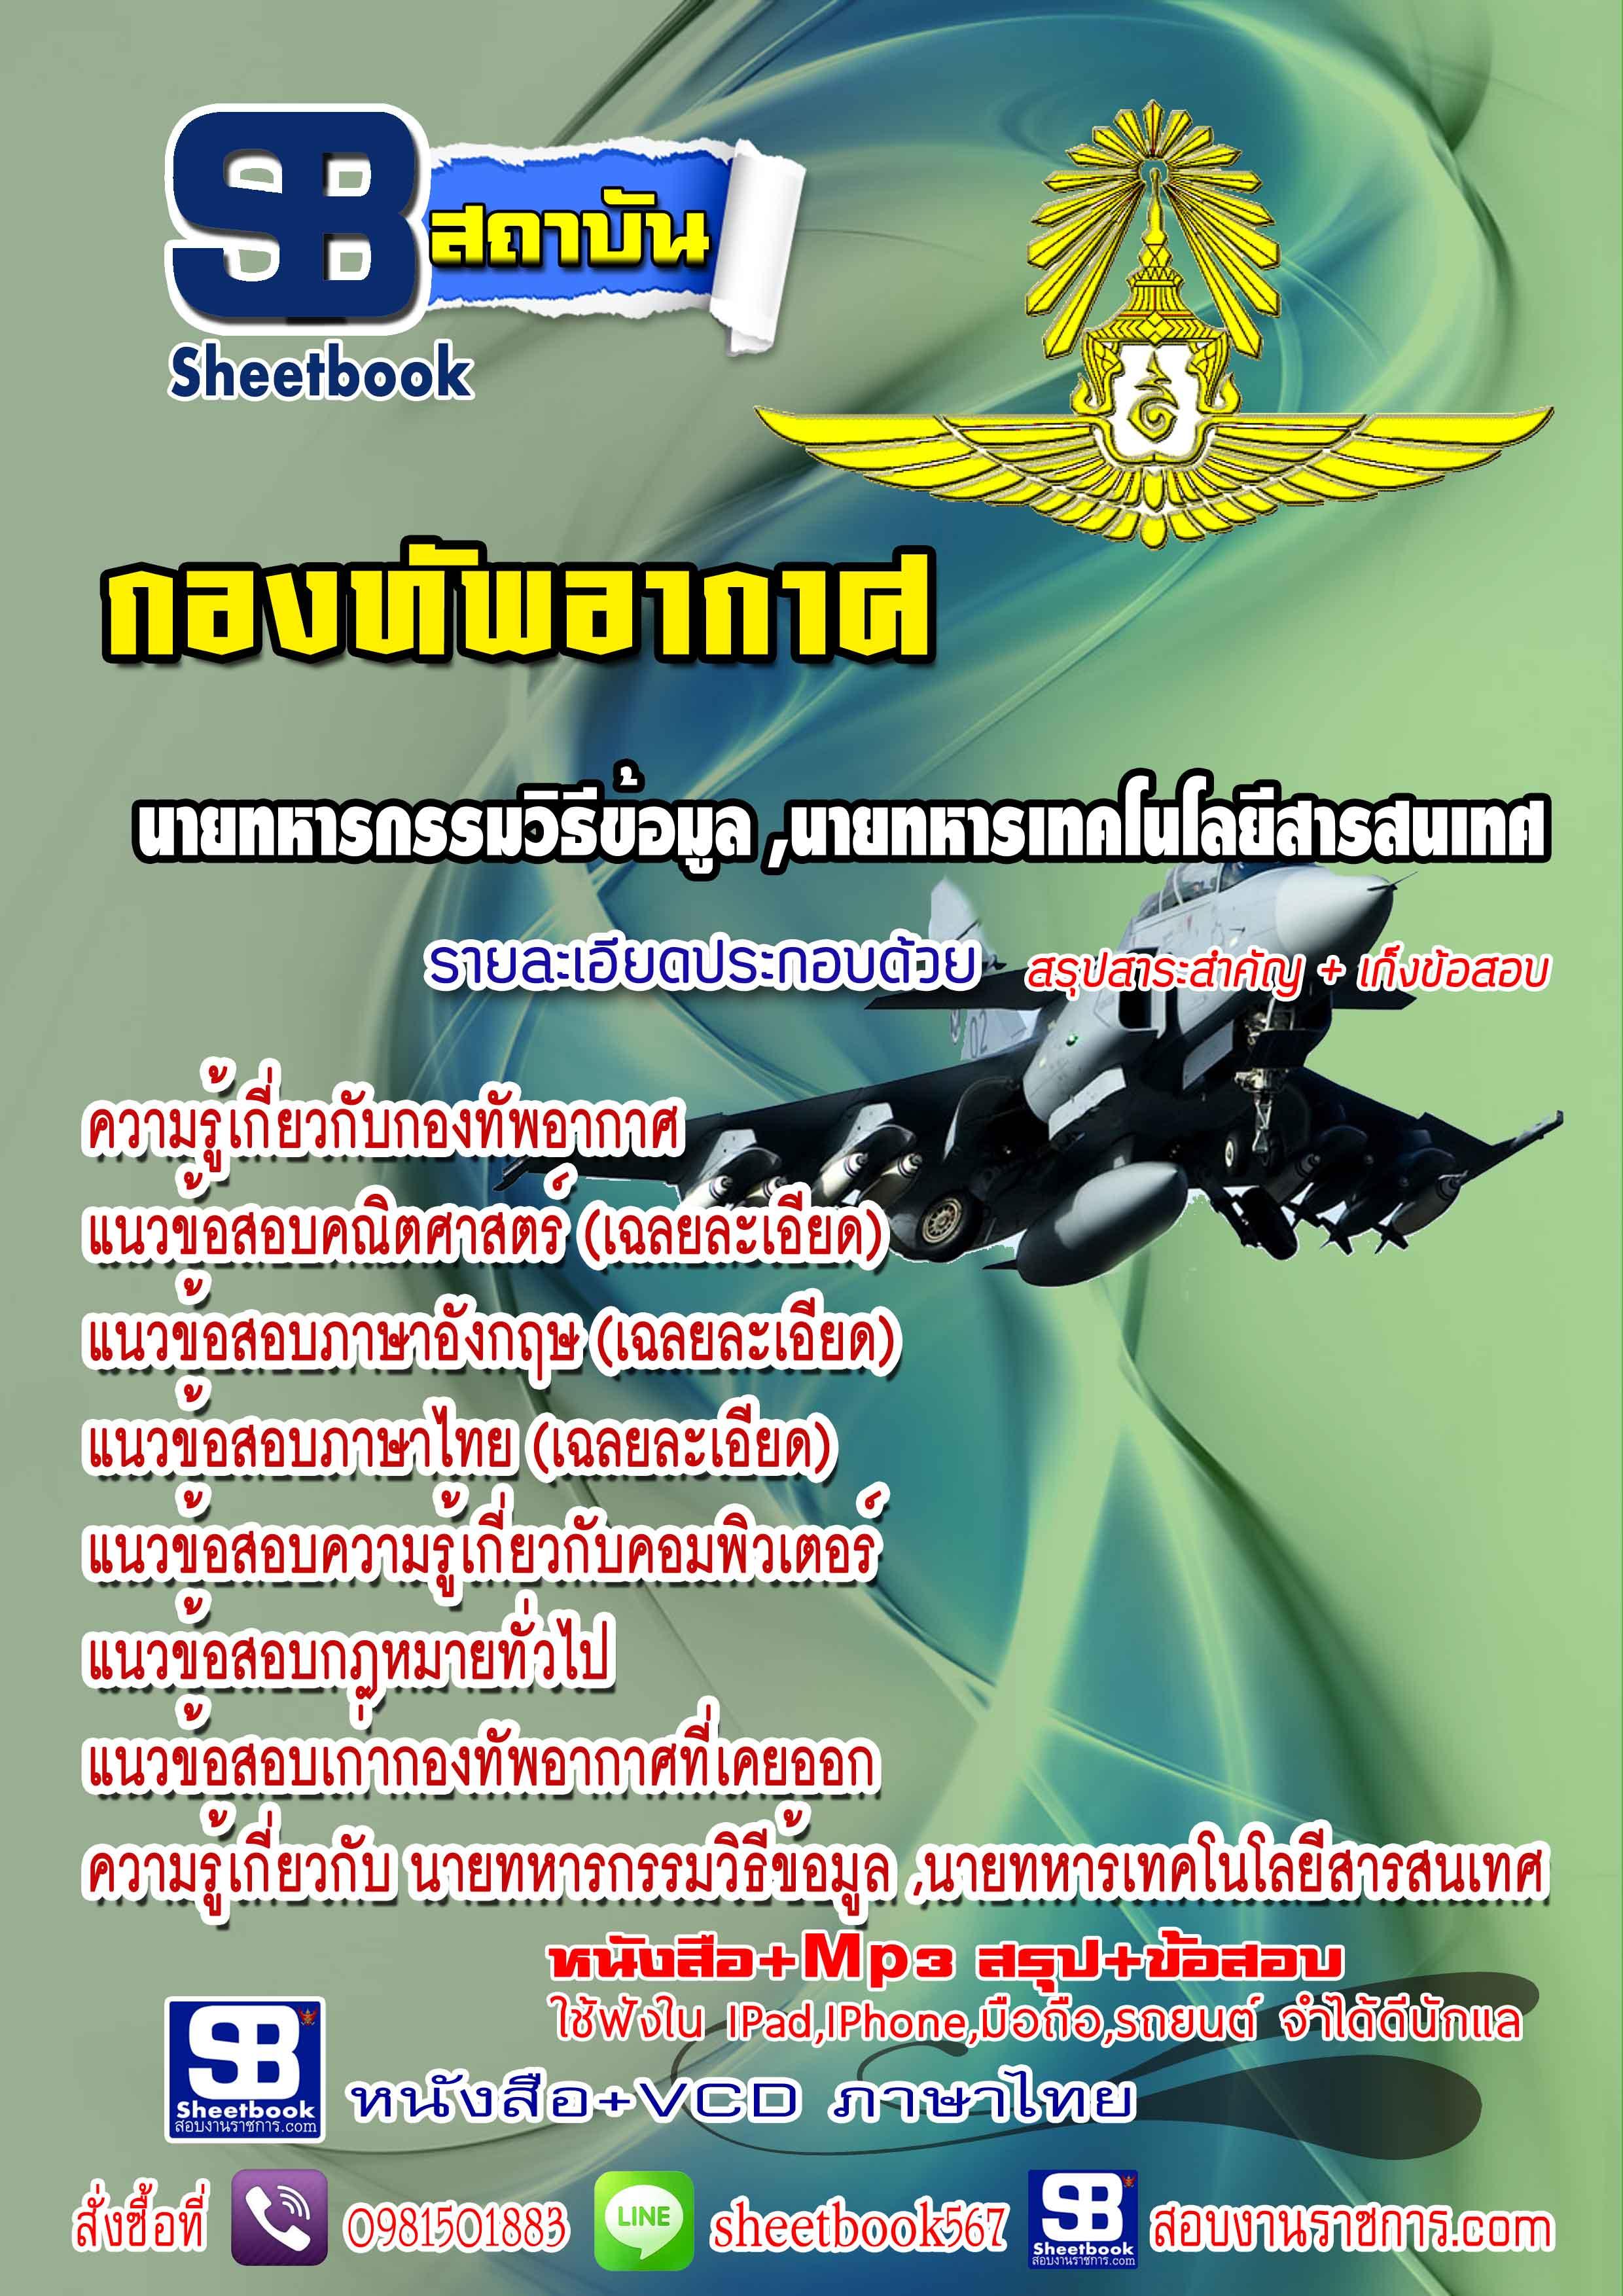 หนังสือ+VCD กองทัพอากาศ นายทหารกรรมวิธีข้อมูล ,นายทหารเทคโนโลยีสารสนเทศ